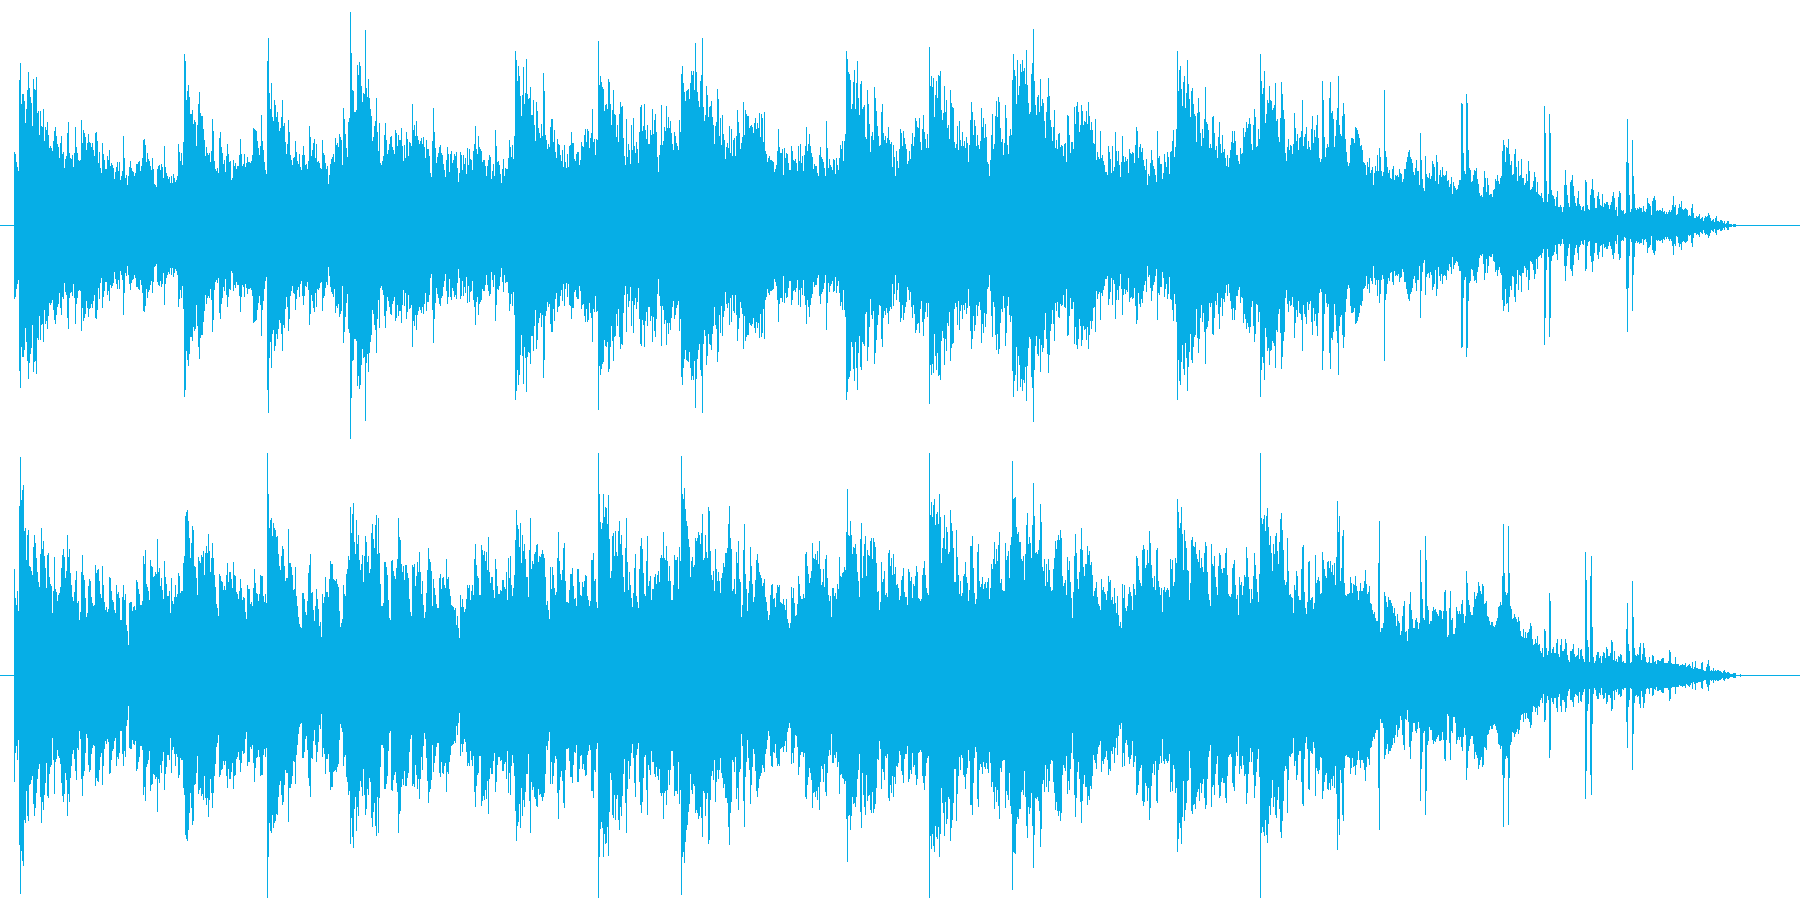 神秘的な洞窟や森をイメージした曲の再生済みの波形